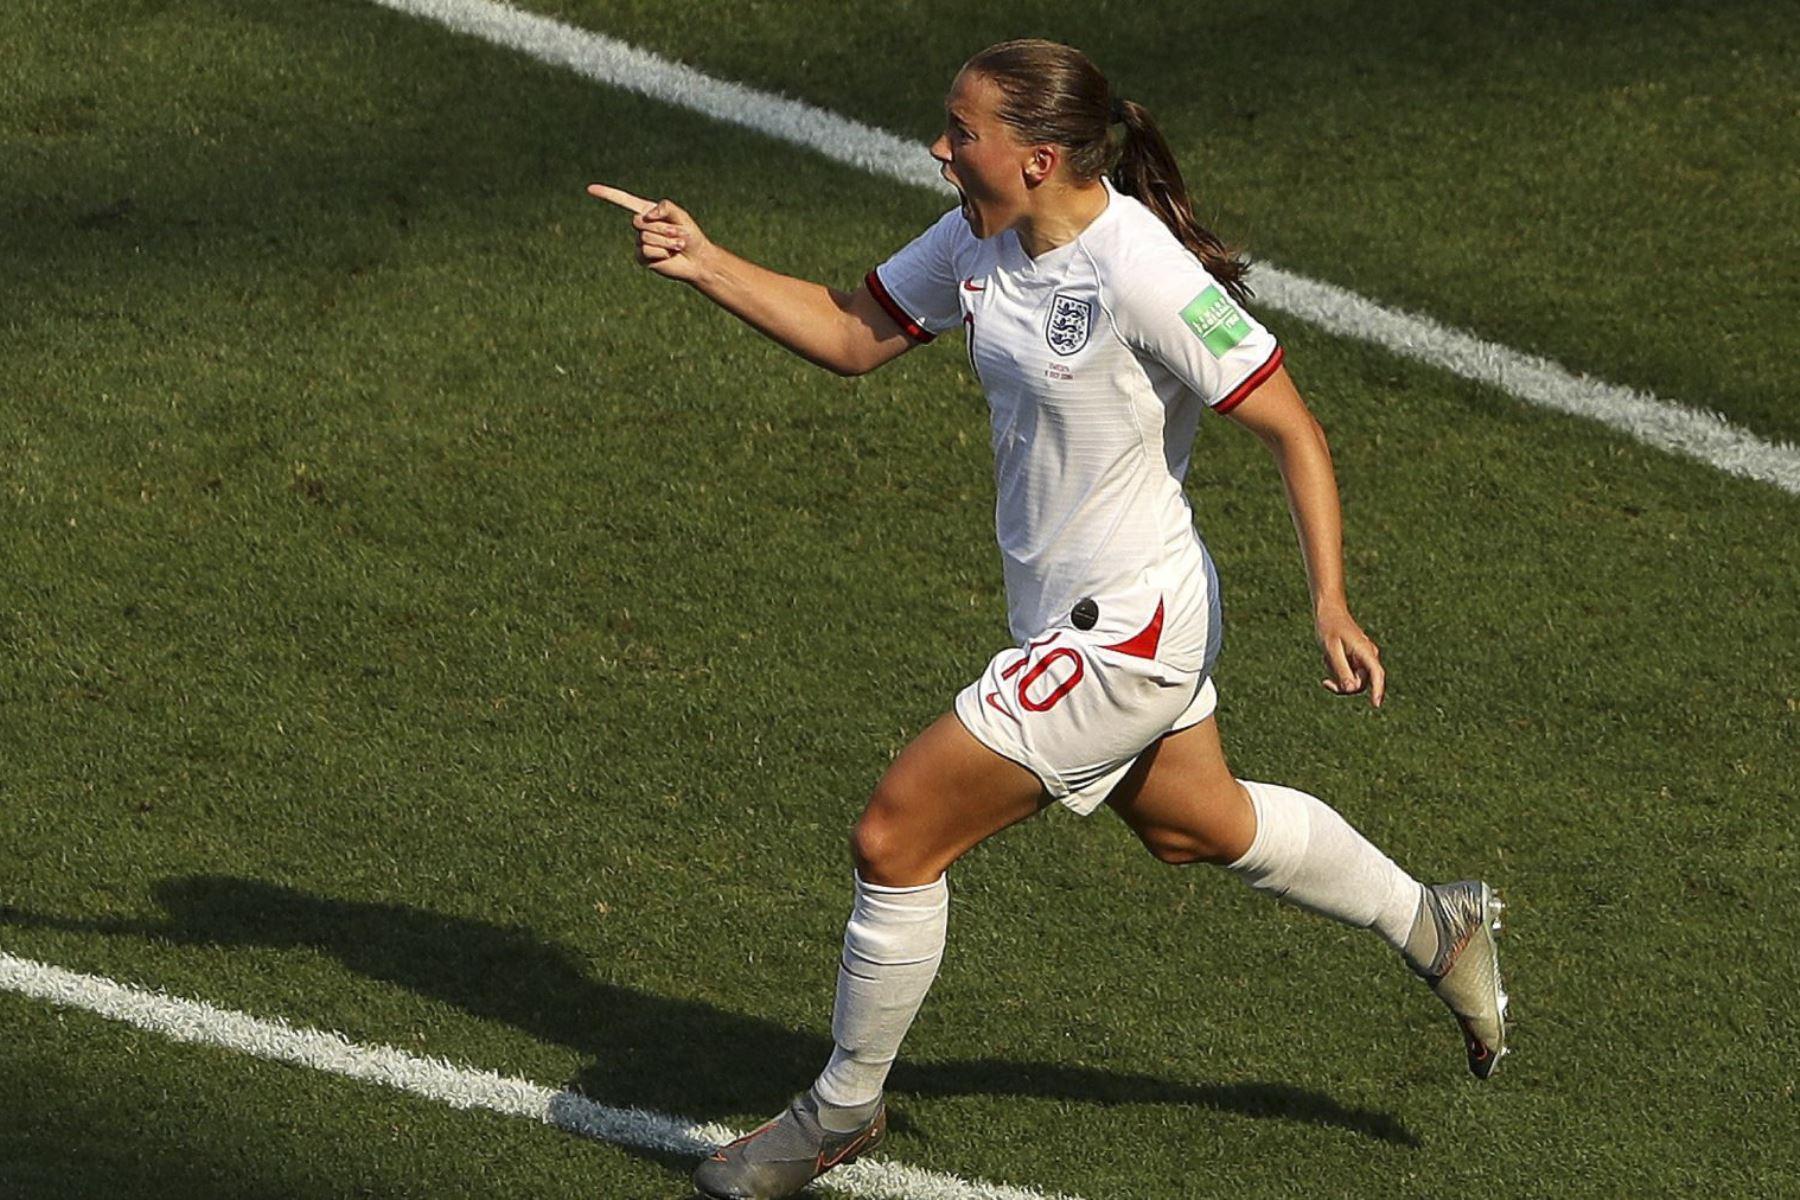 El equipo británico de fútbol femenino promoverá la igualdad y el rechazo al racismo en los juegos de Tokio 2020